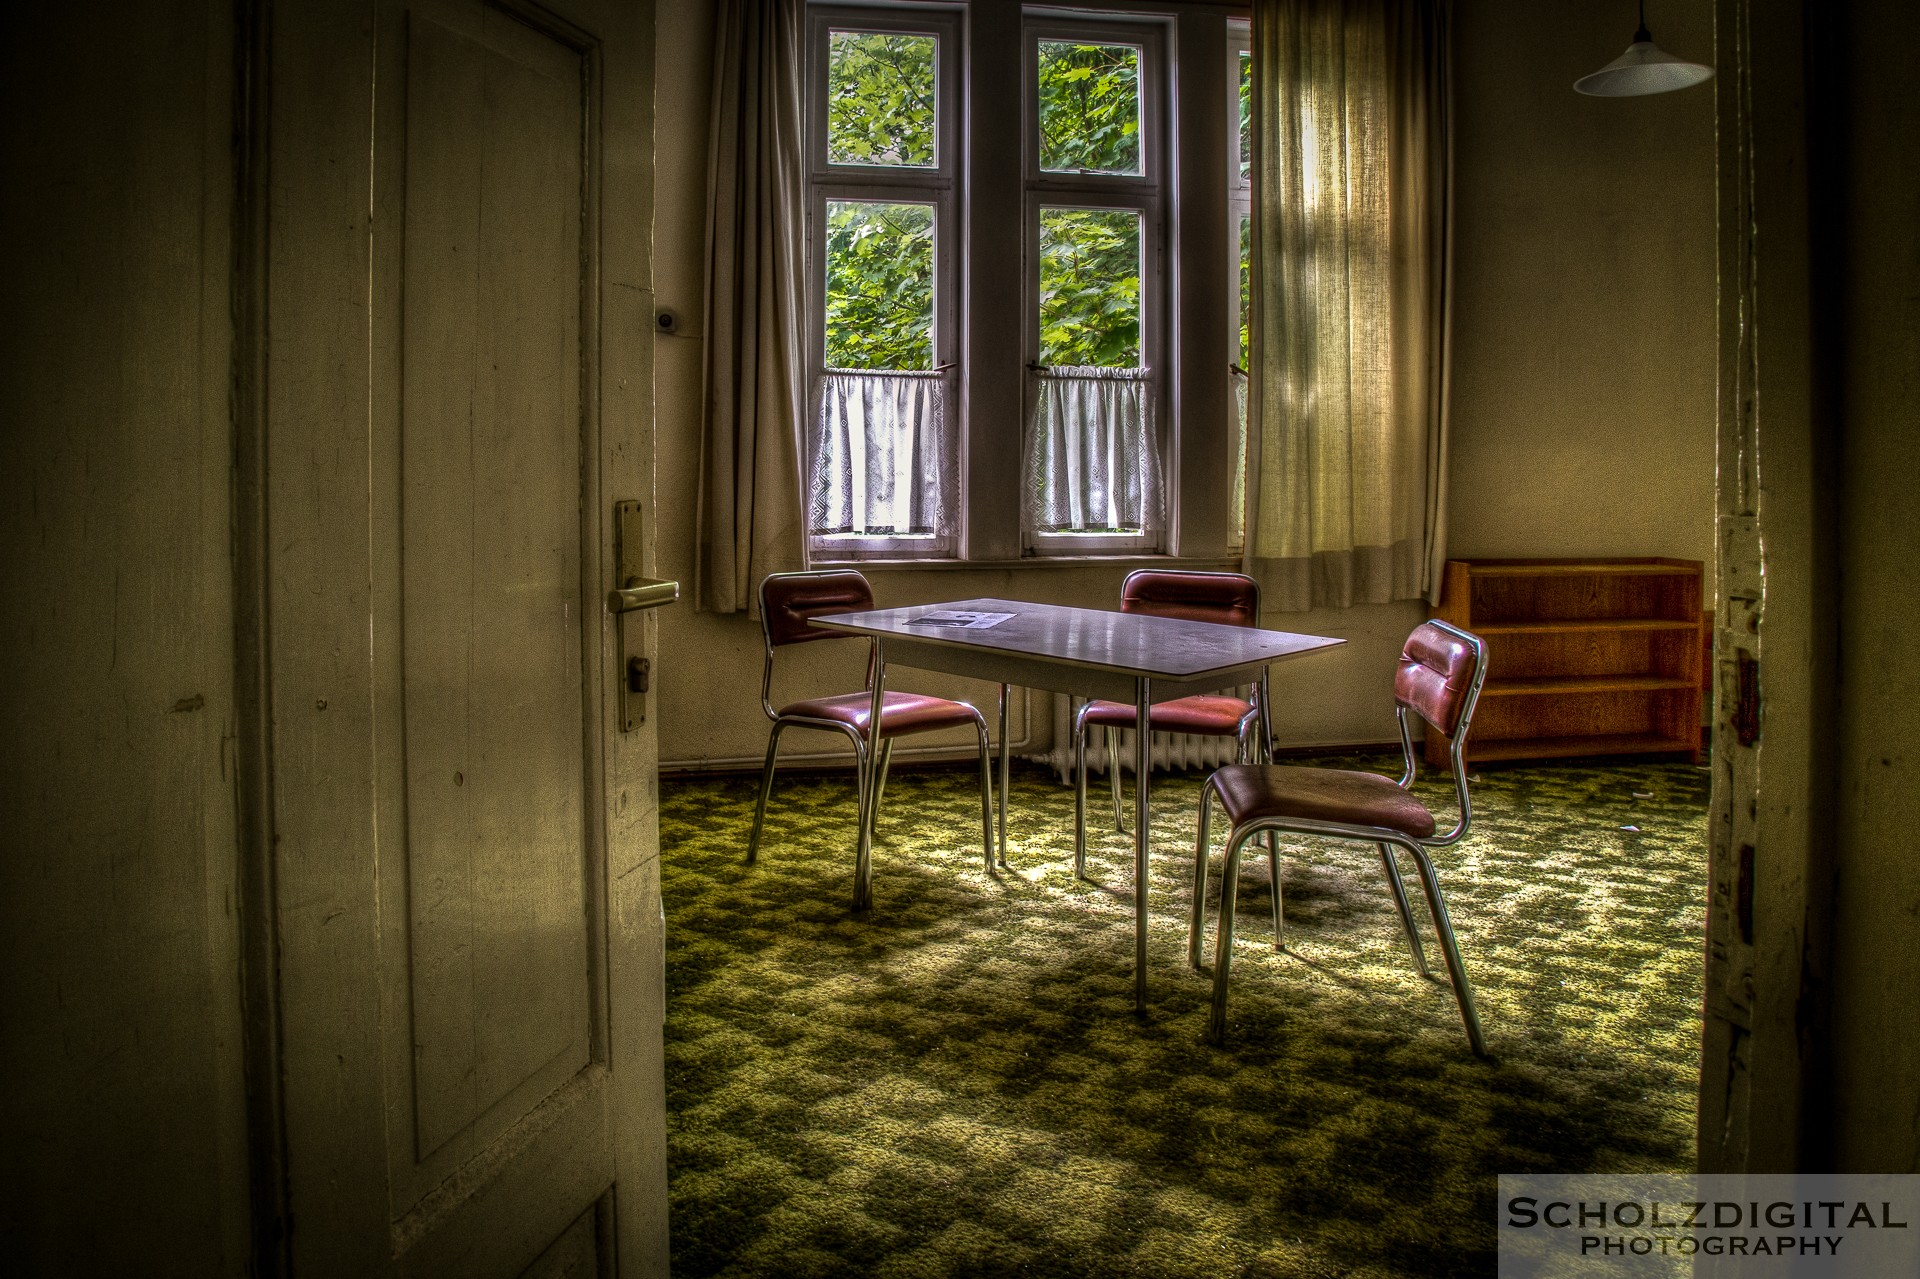 Haus_der_Anatomie-16